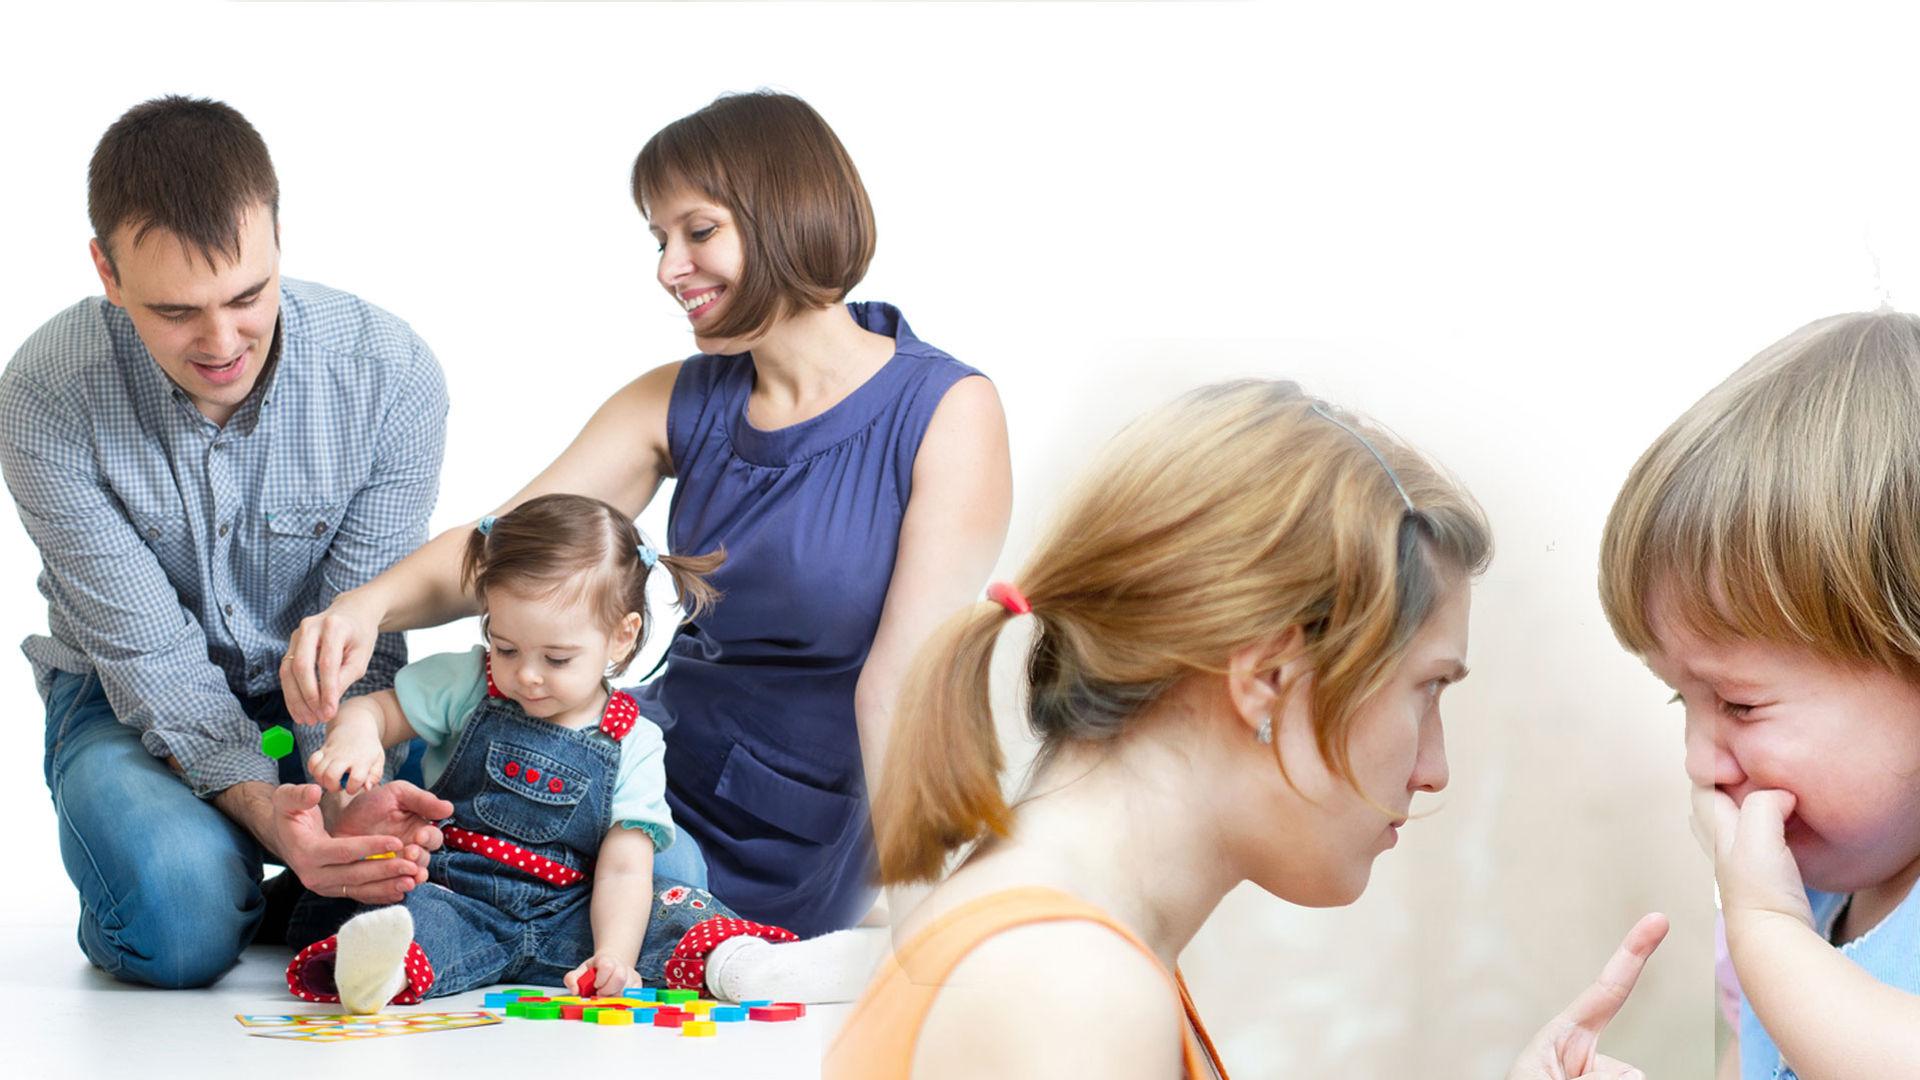 Annelerin Çocukları Üzerindeki Tutum Ve Etkileri